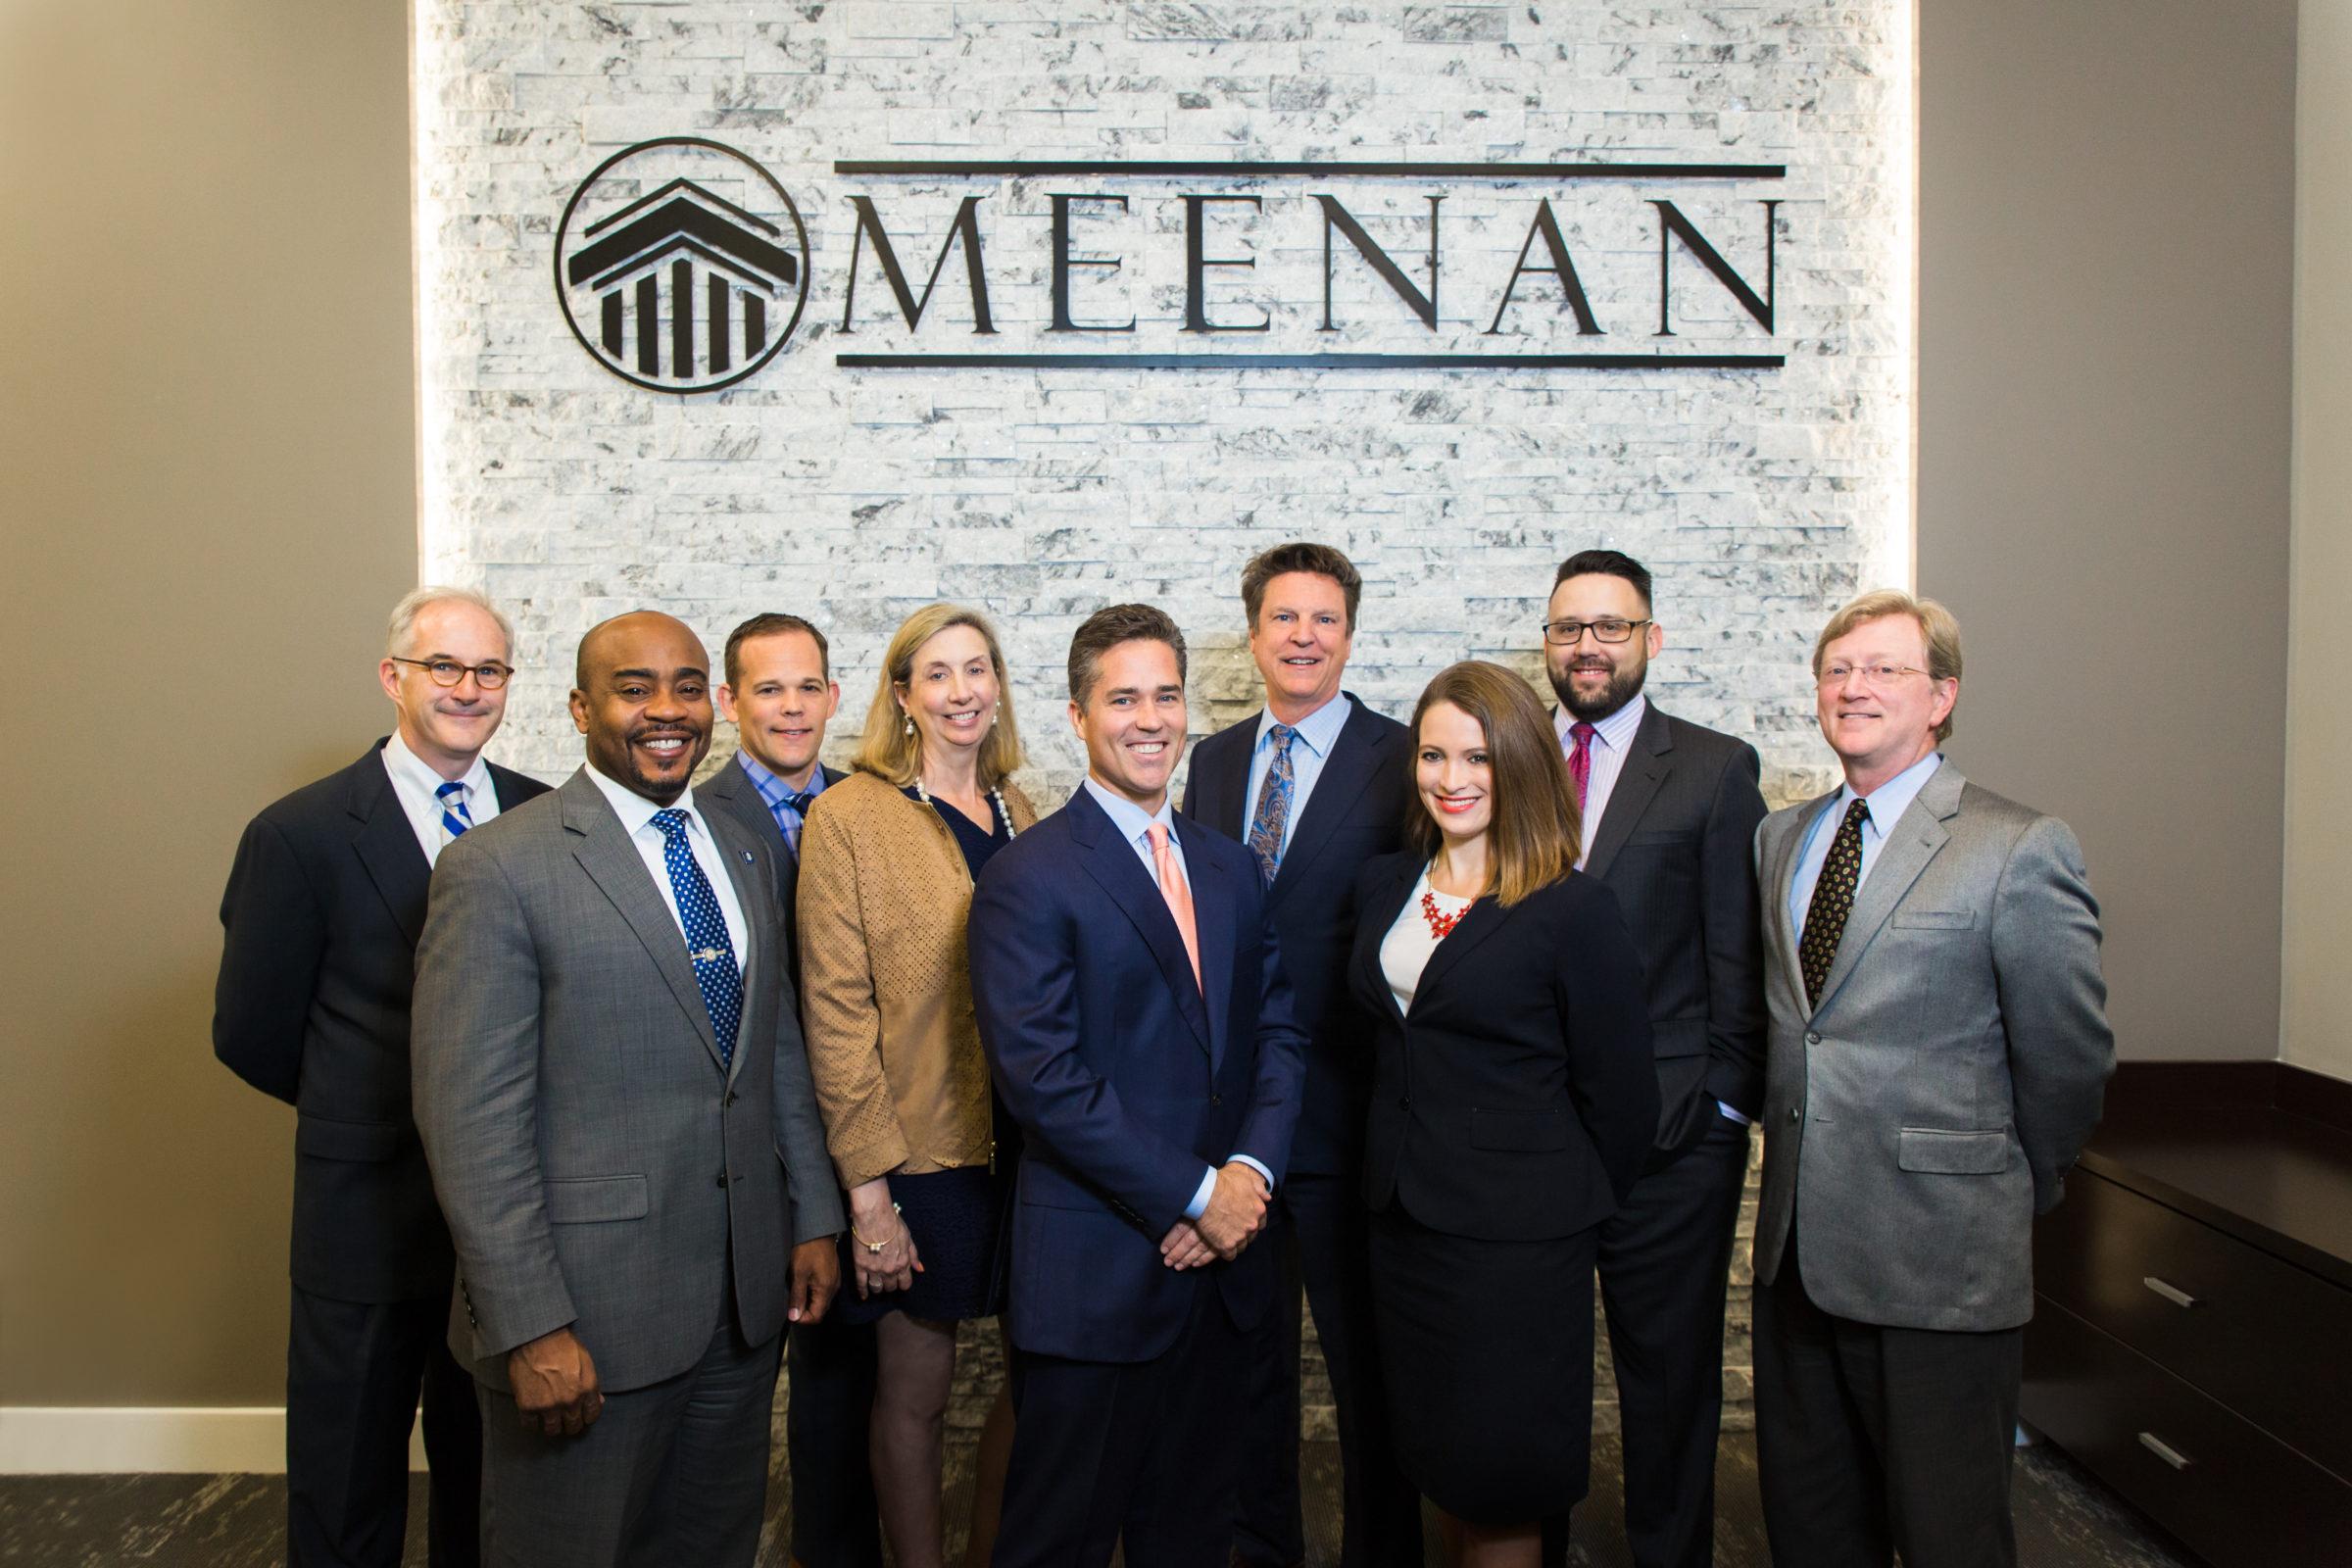 Meenan PA Group Photo